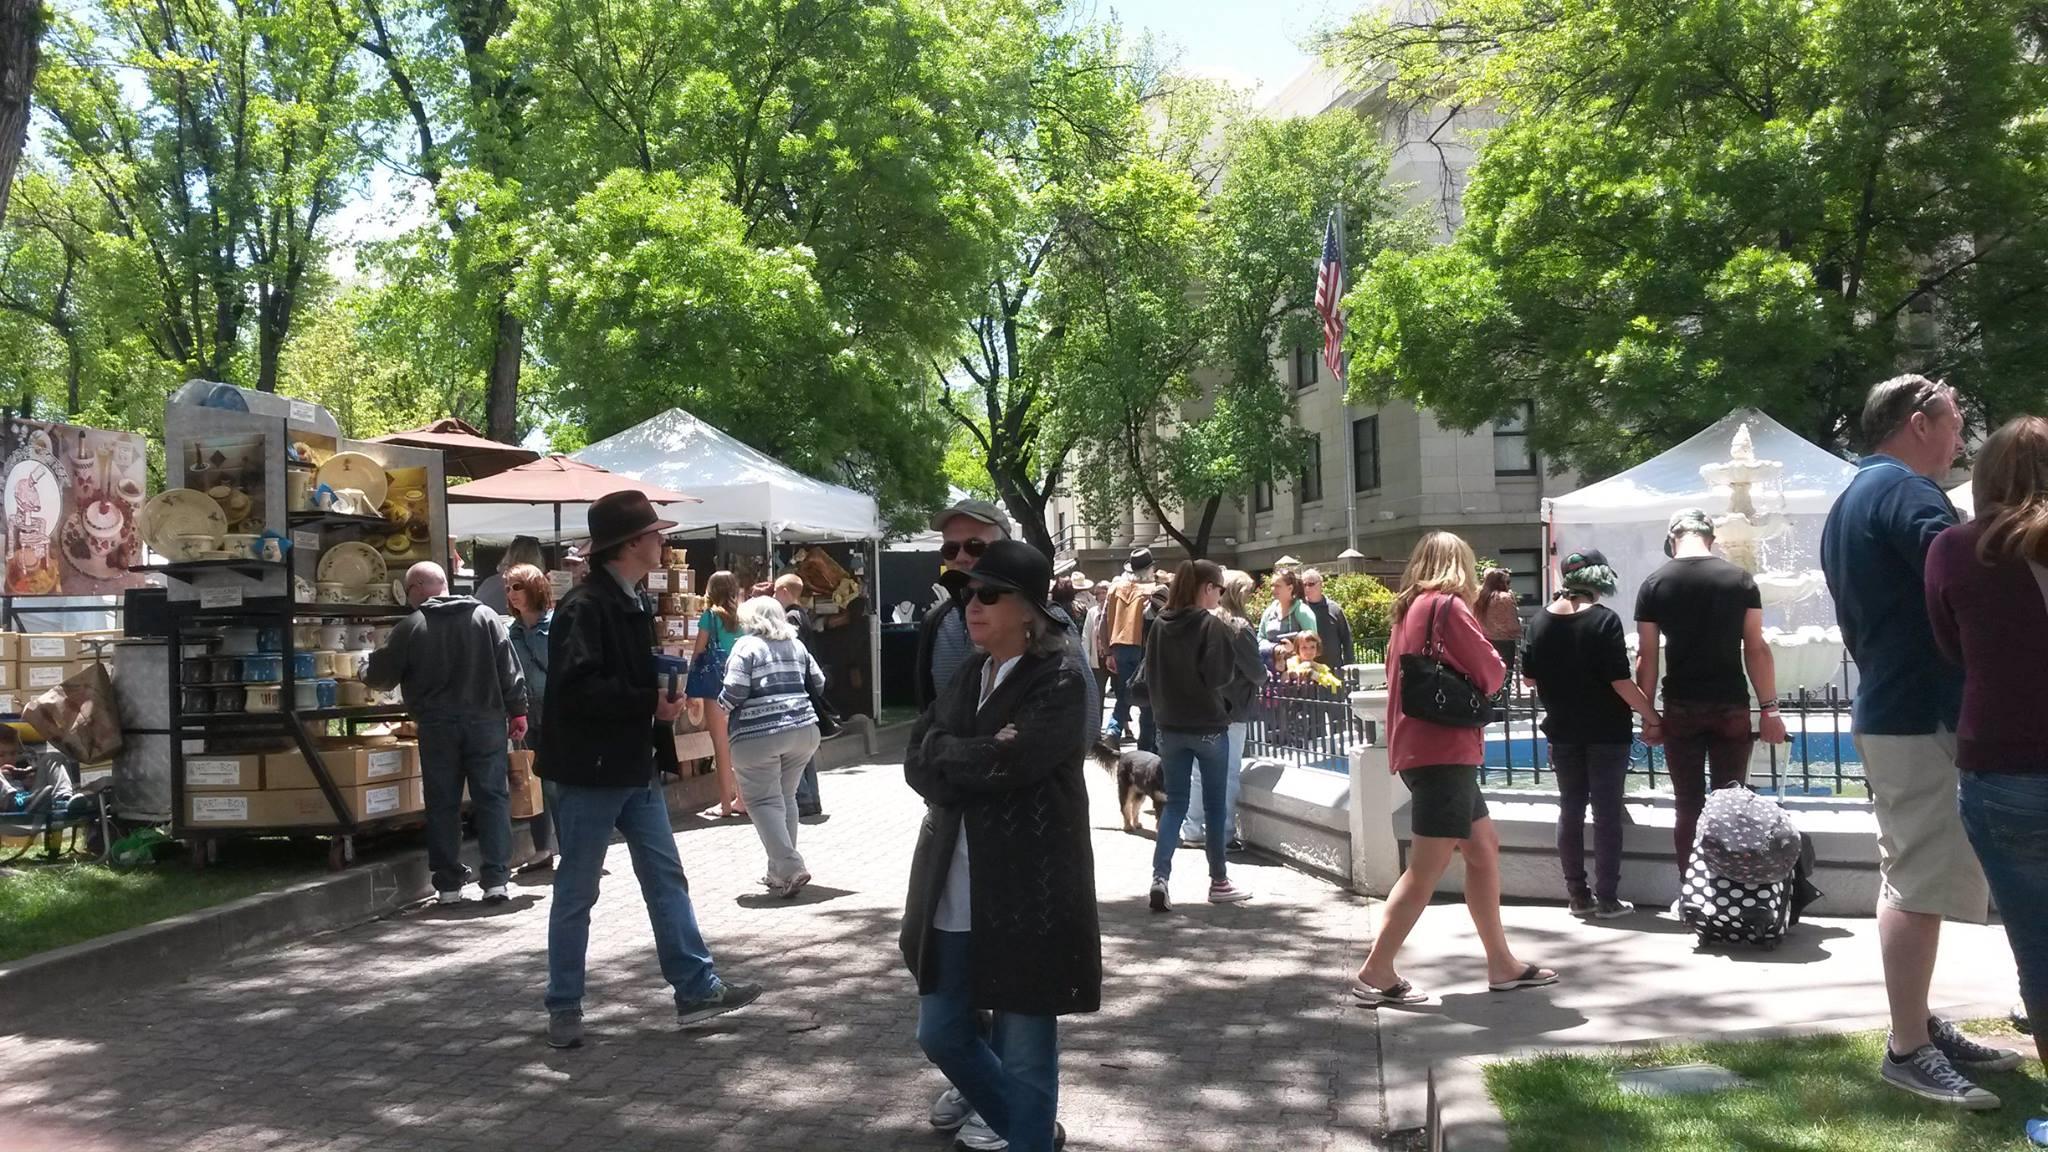 Prescott Arts And Crafts Festival